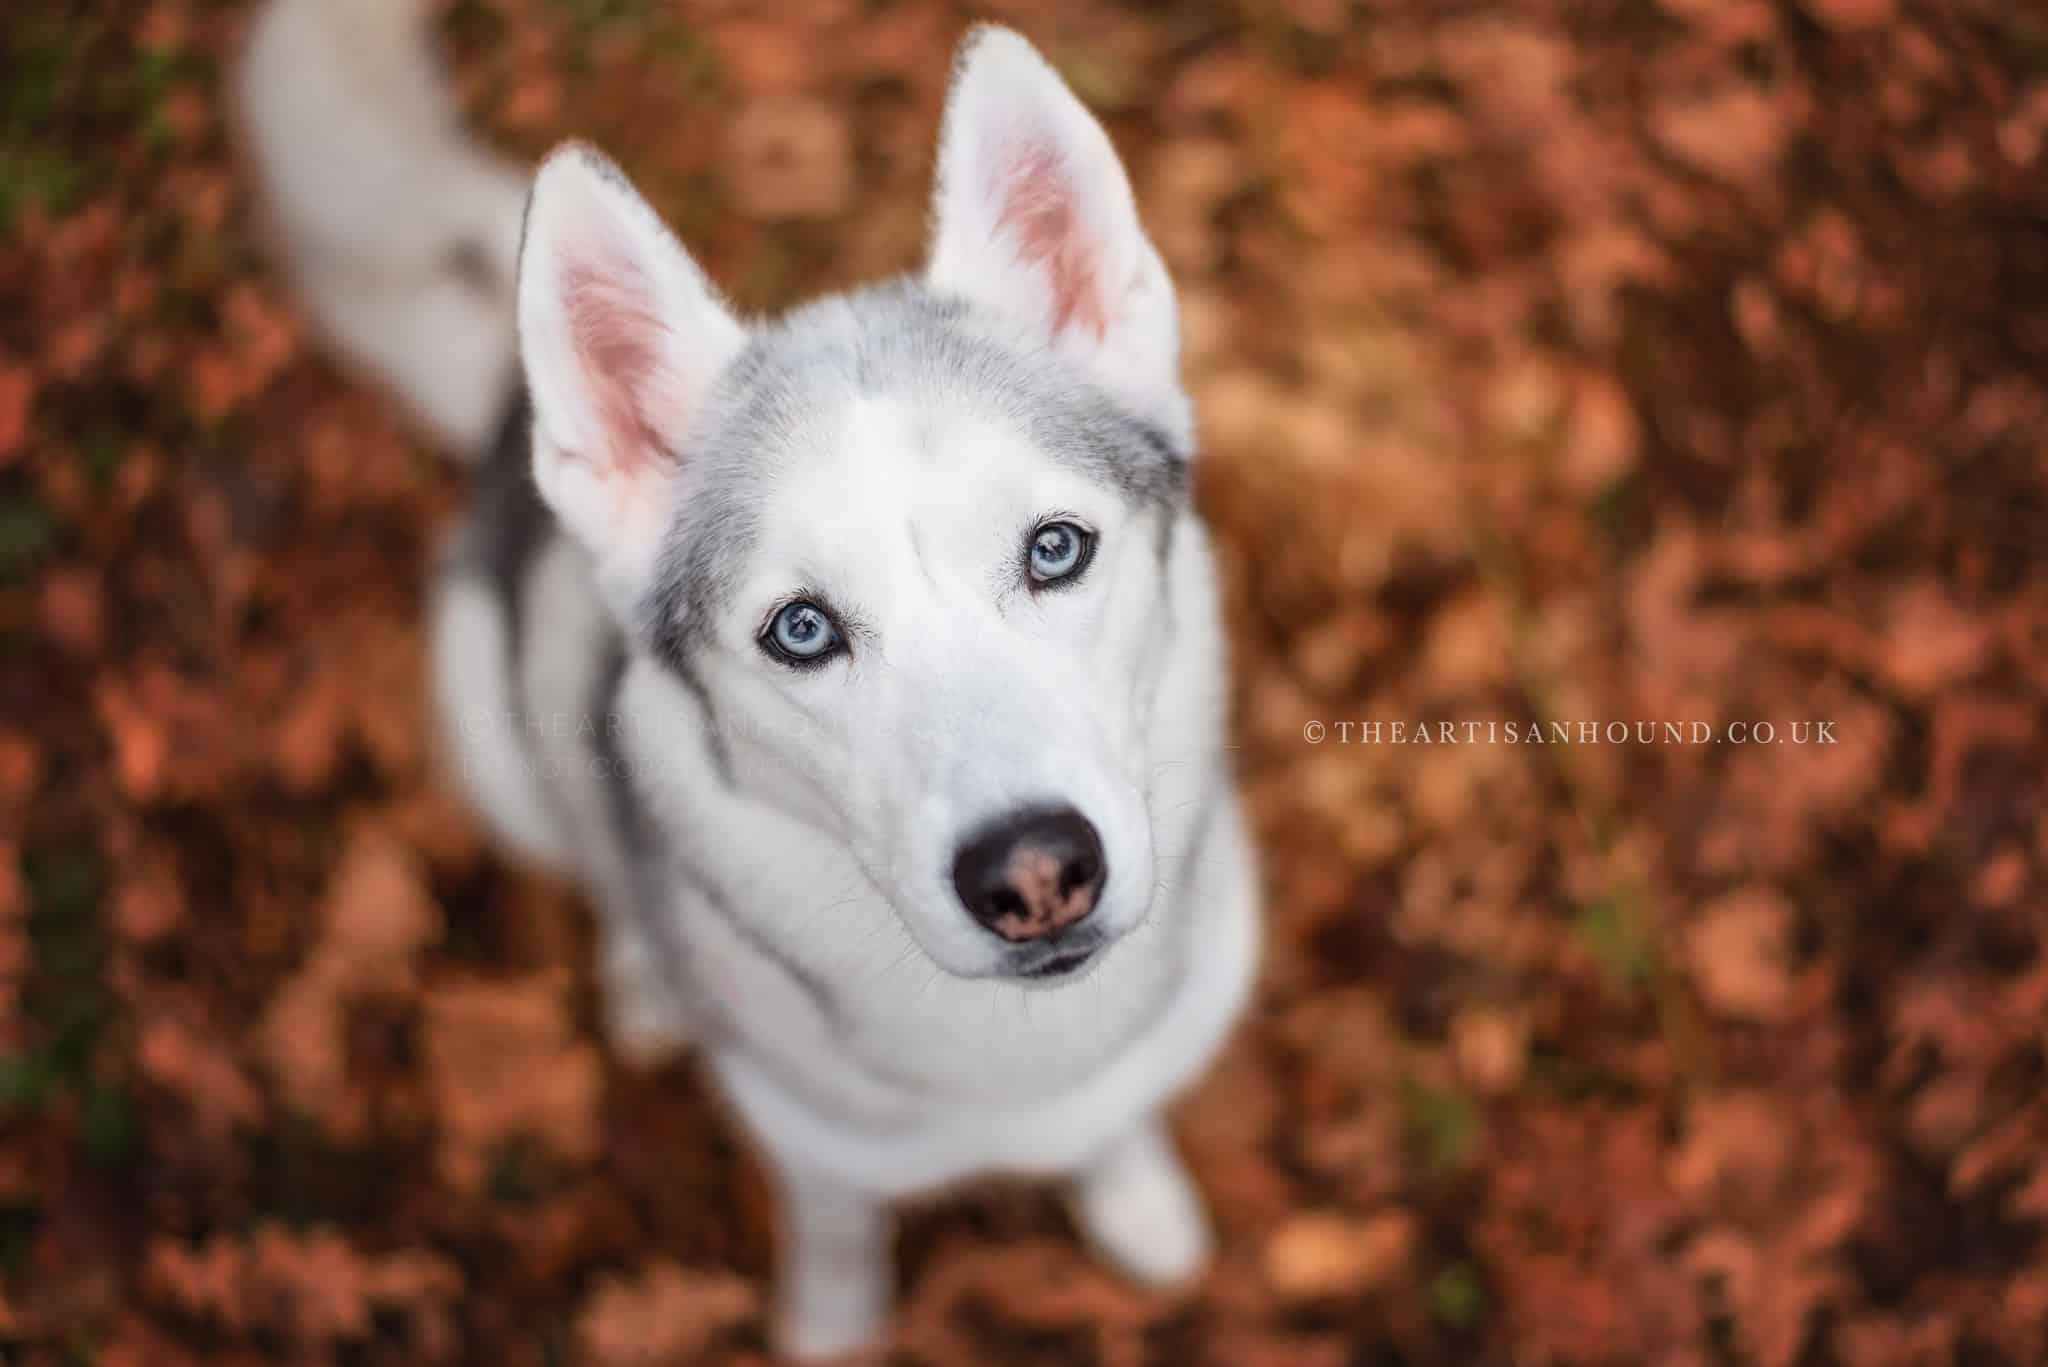 dog-looking-up-at-camera